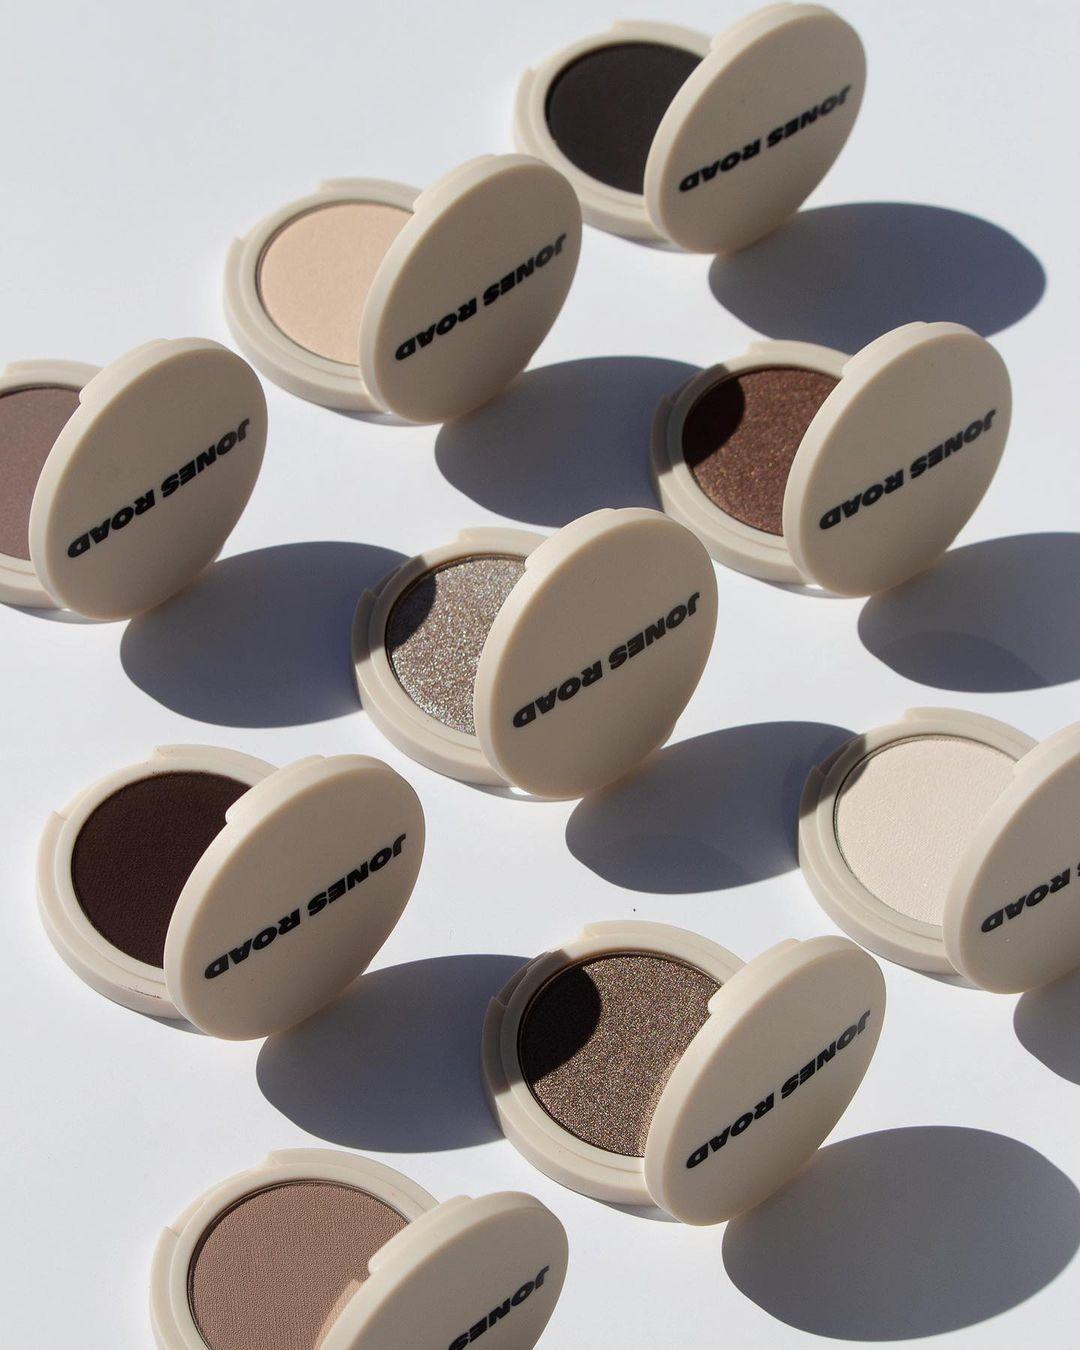 Bobbi Brown új márkája, a Jones Road szemhéjfestékei